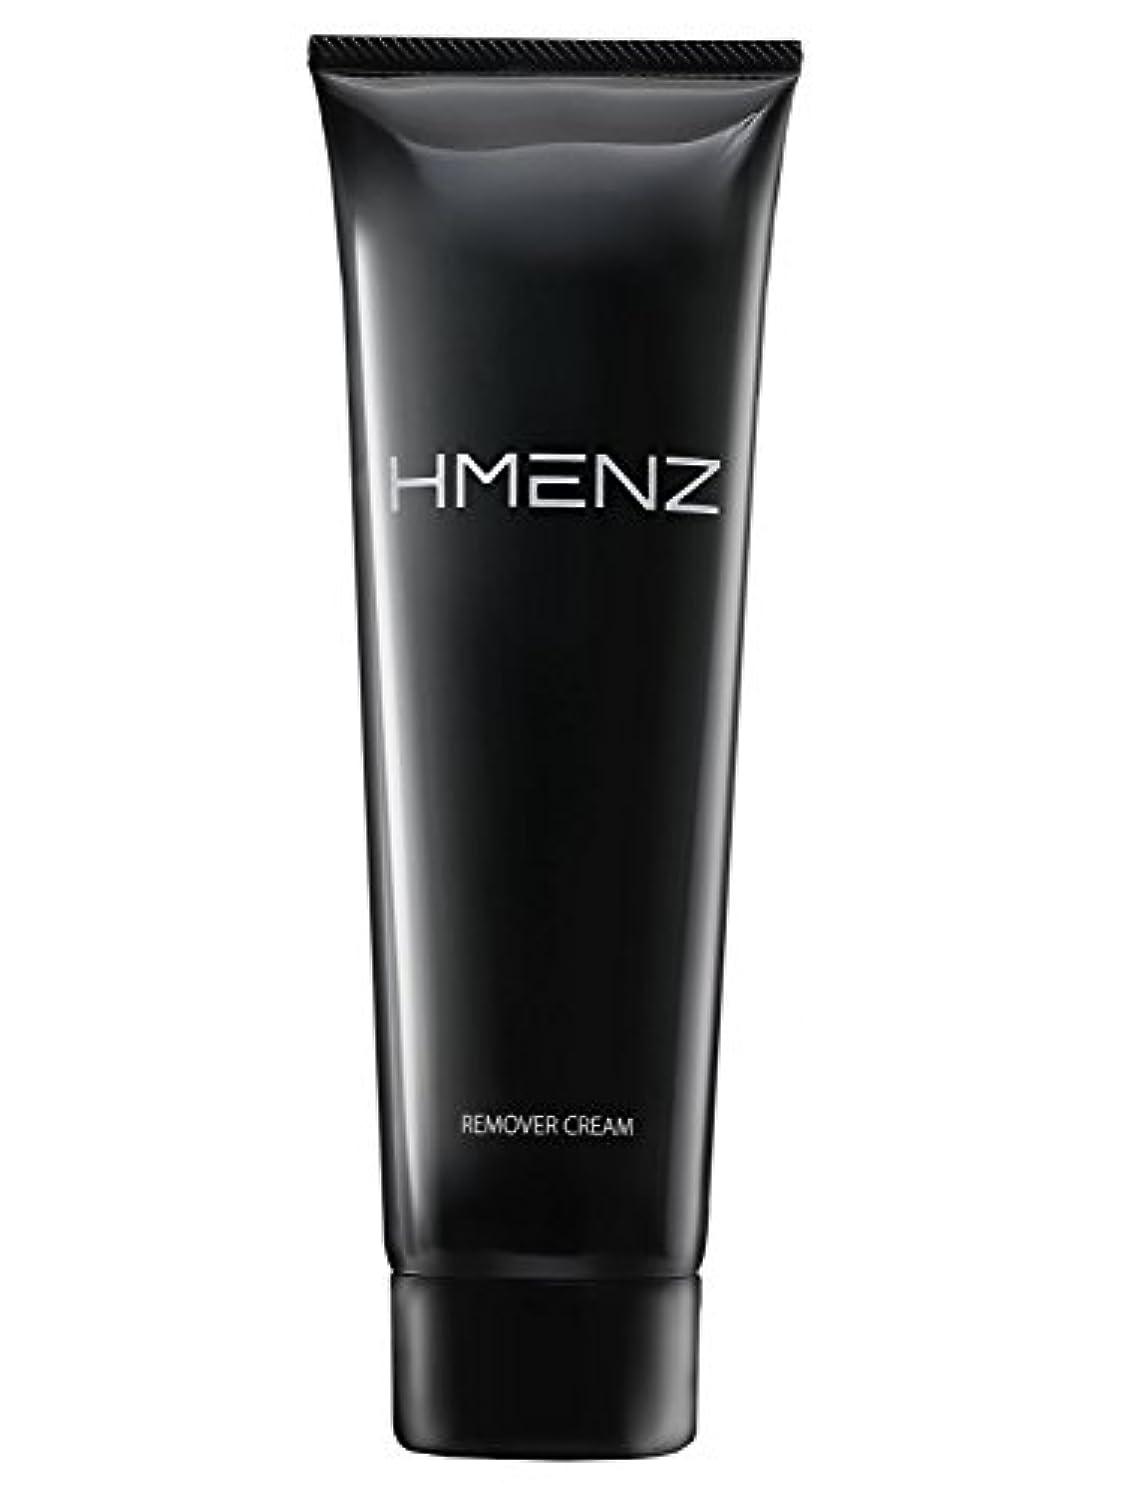 こしょう海契約医薬部外品 HMENZ メンズ 除毛クリーム 210g [陰部/VIO/アンダーヘア/ボディ用]